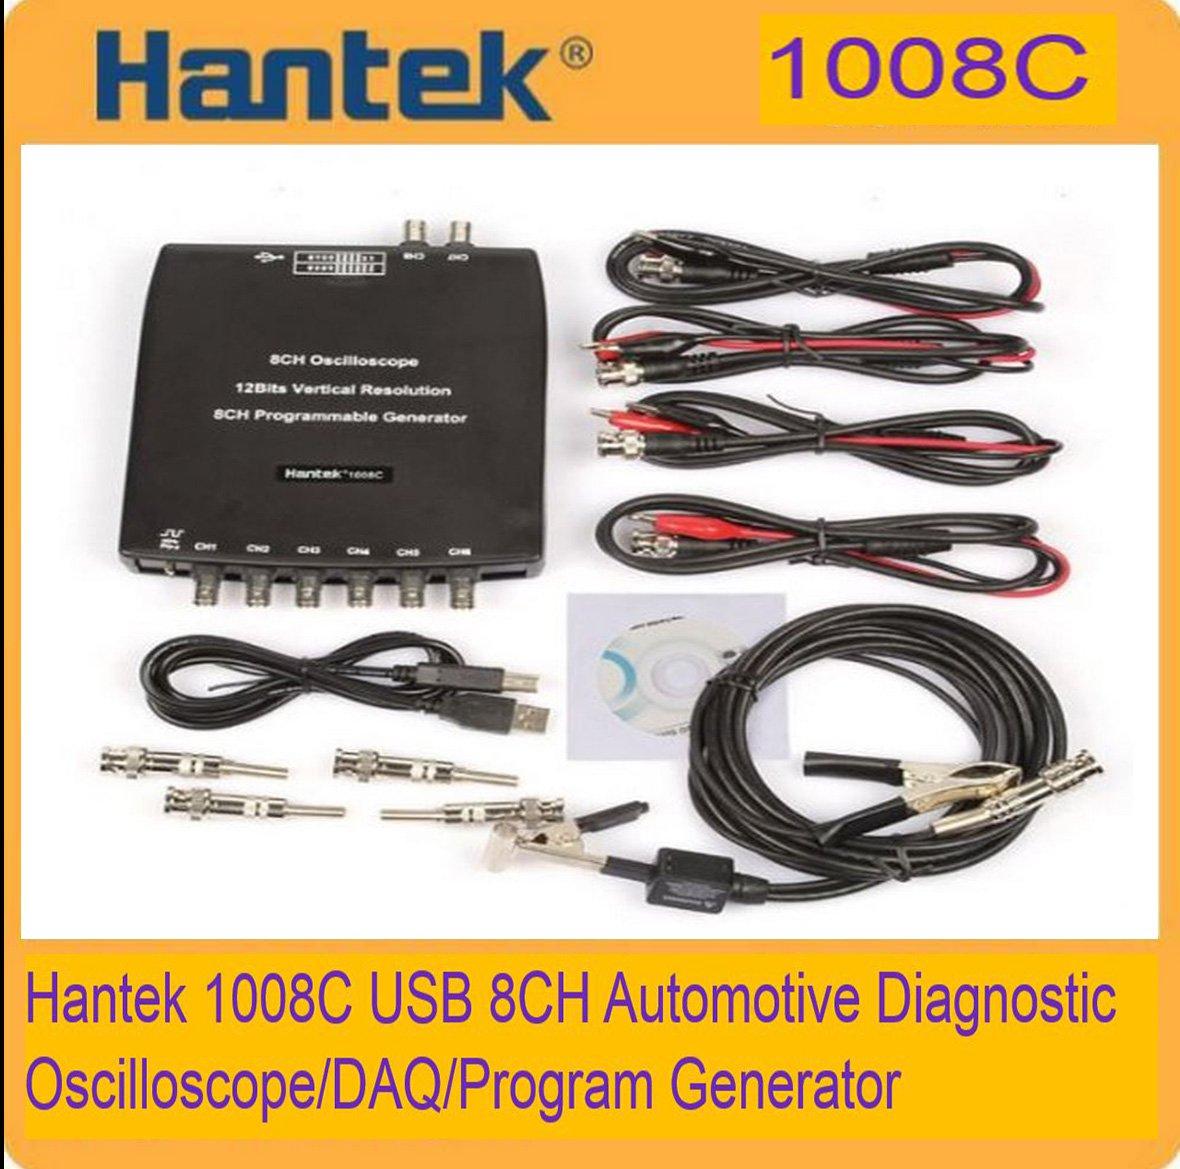 HANTEK 1008C PC USB 8CH Automotive Diagnostic Digital Oscillosco�pe/DAQ/Pro gen